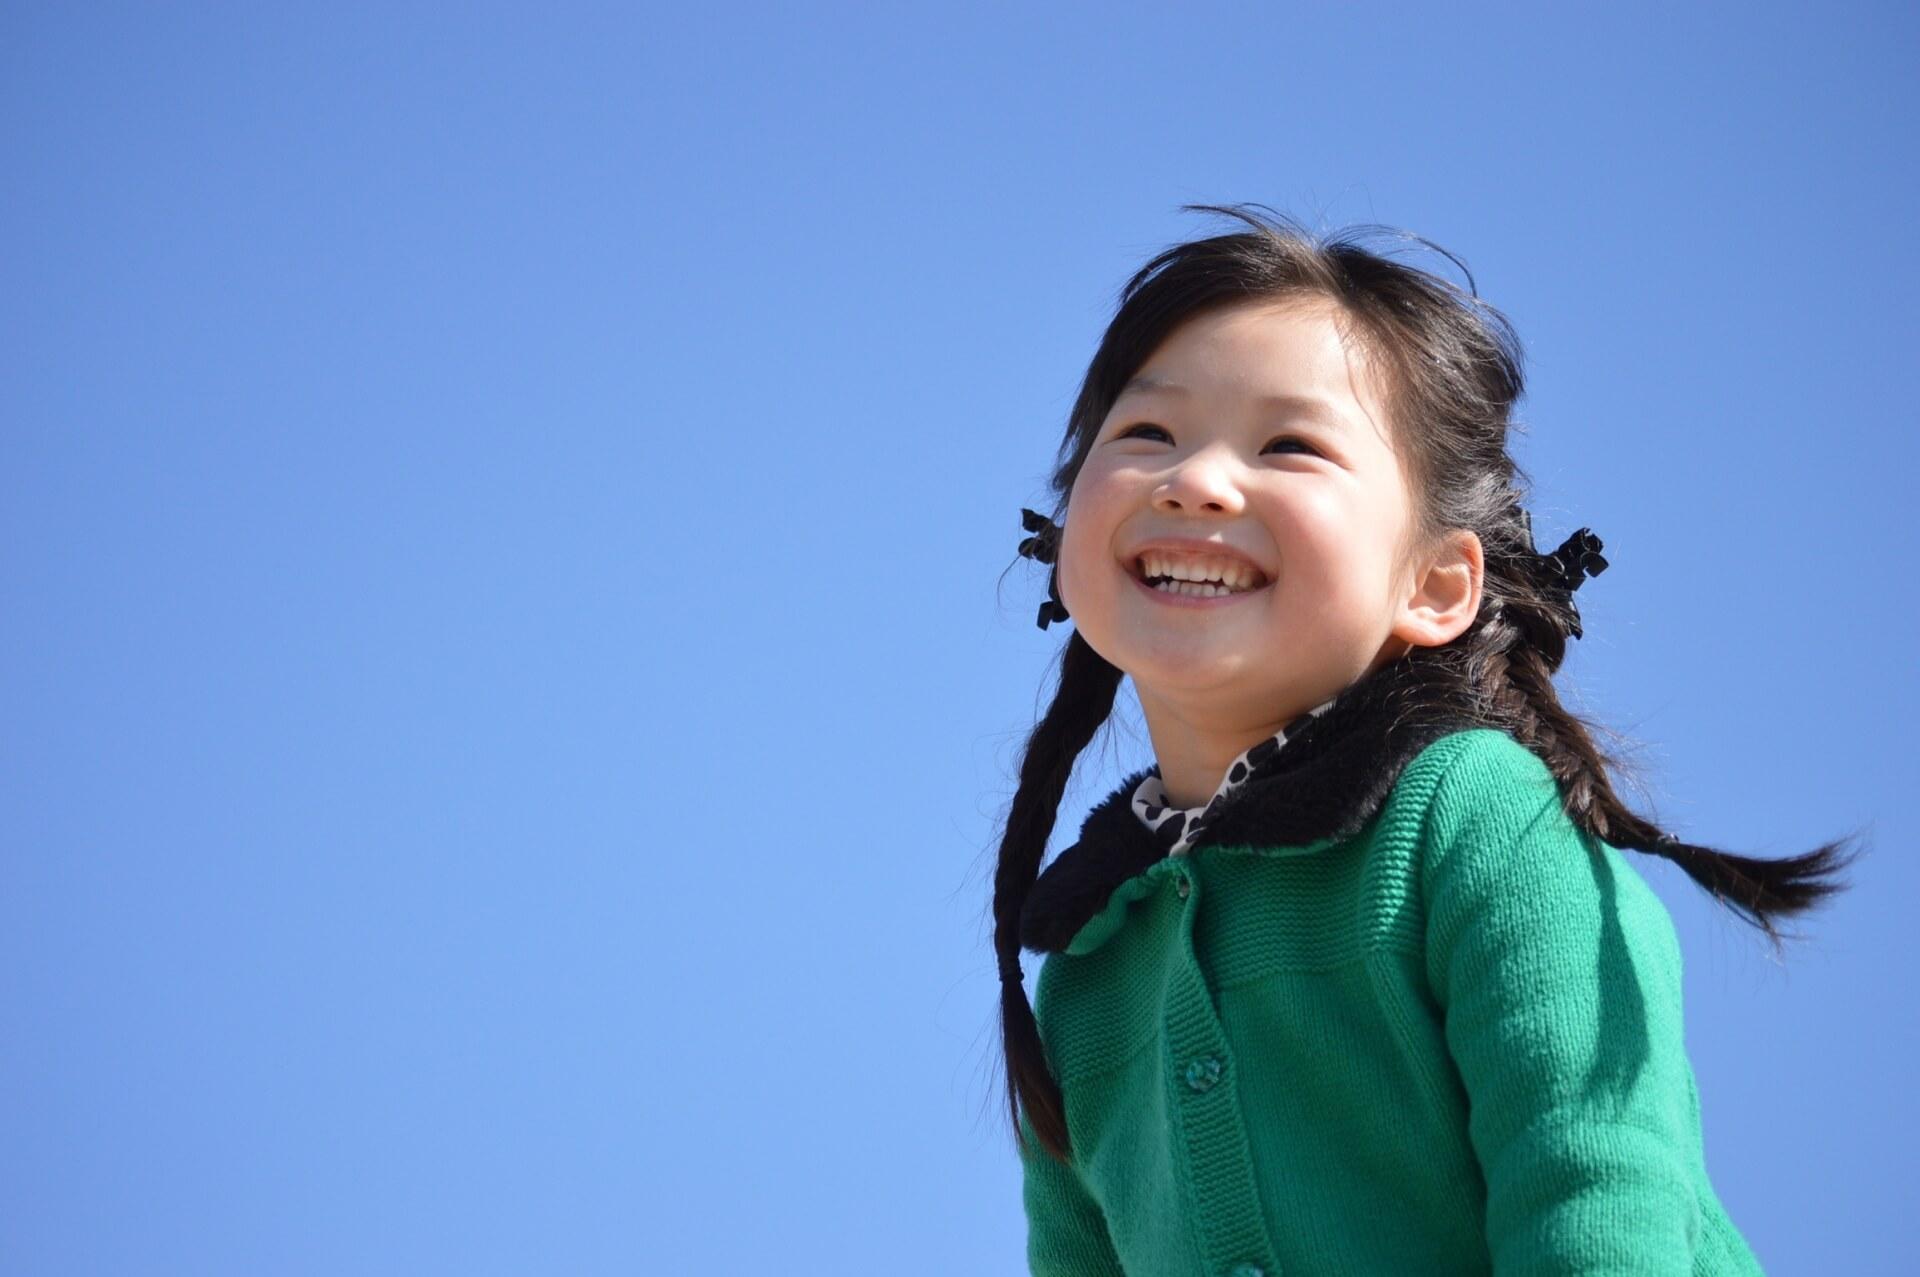 不登校の子どもへの接し方、親の心構えを教えてくださいの画像1